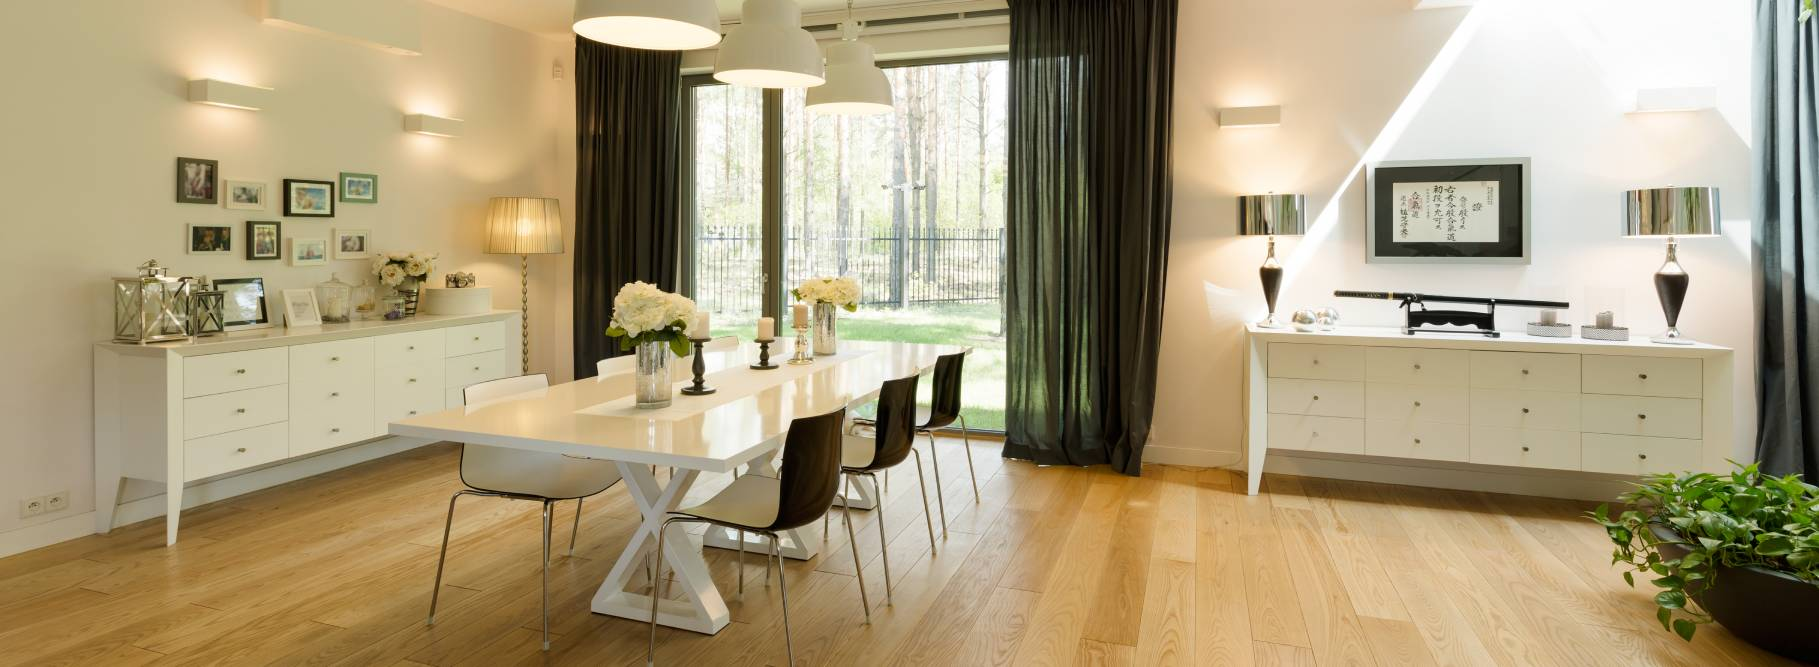 Uporządkowane wnętrze w stylu skandynawskim